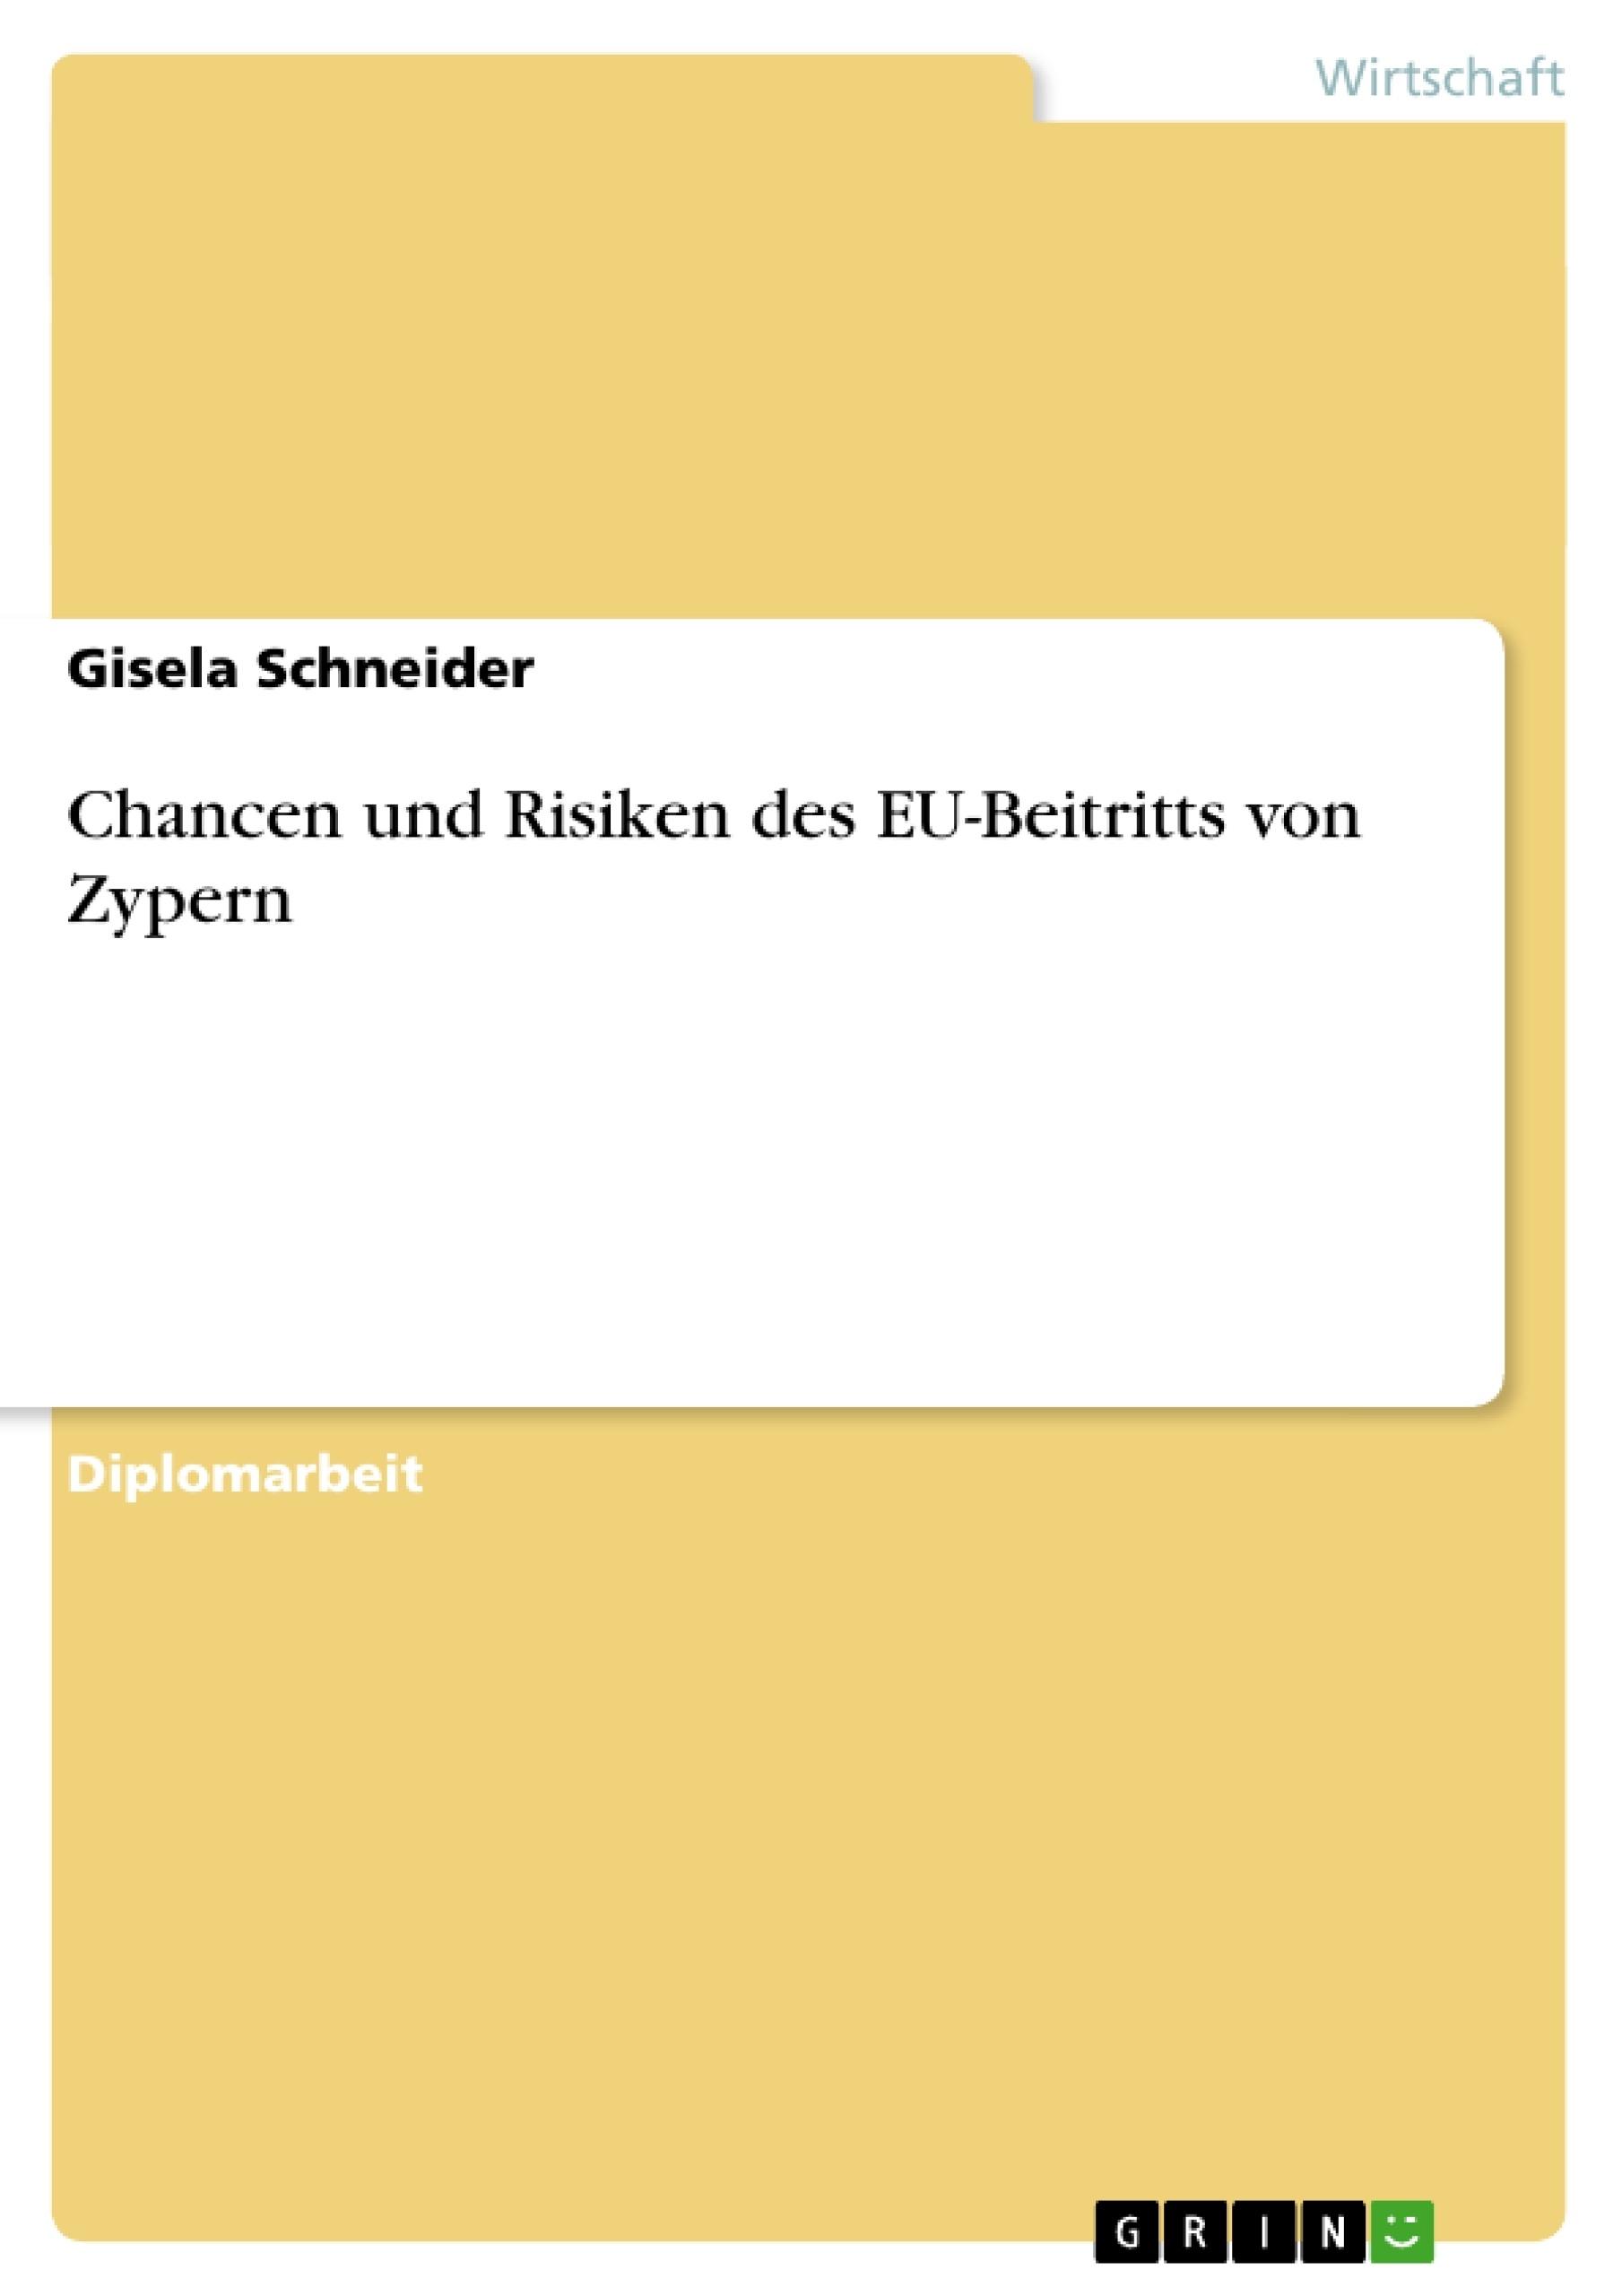 Titel: Chancen und Risiken des EU-Beitritts von Zypern